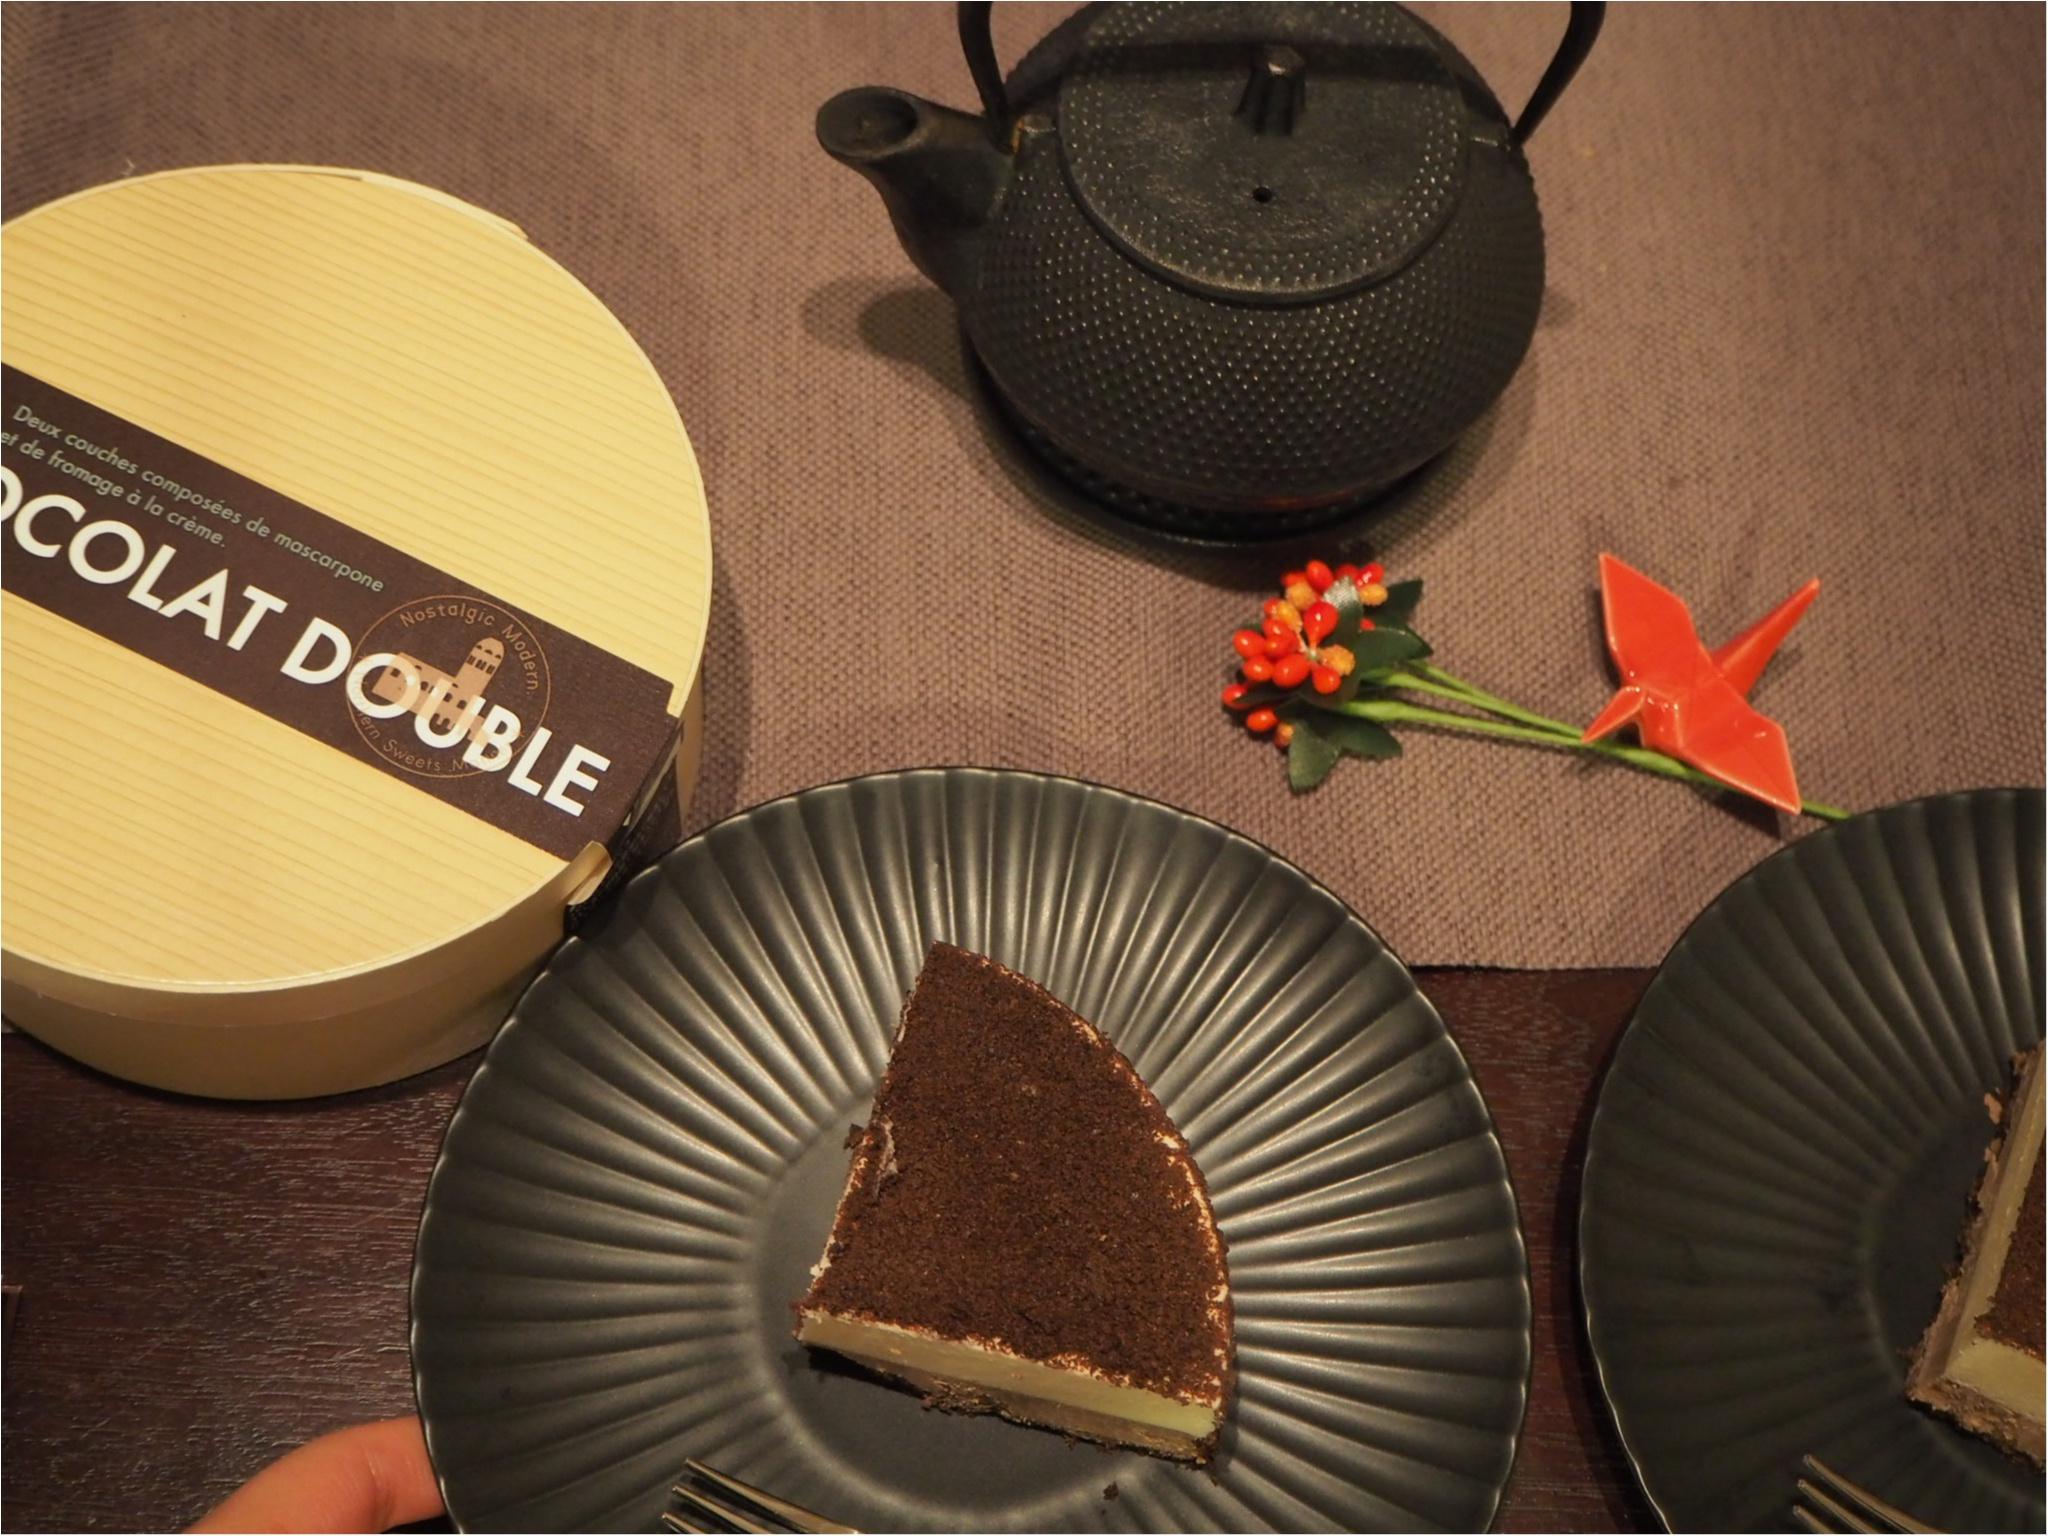 【バレンタインデー直前】彼と2人で食べたいチョコレートは1つで2度楽しめるコレに決定♪_6